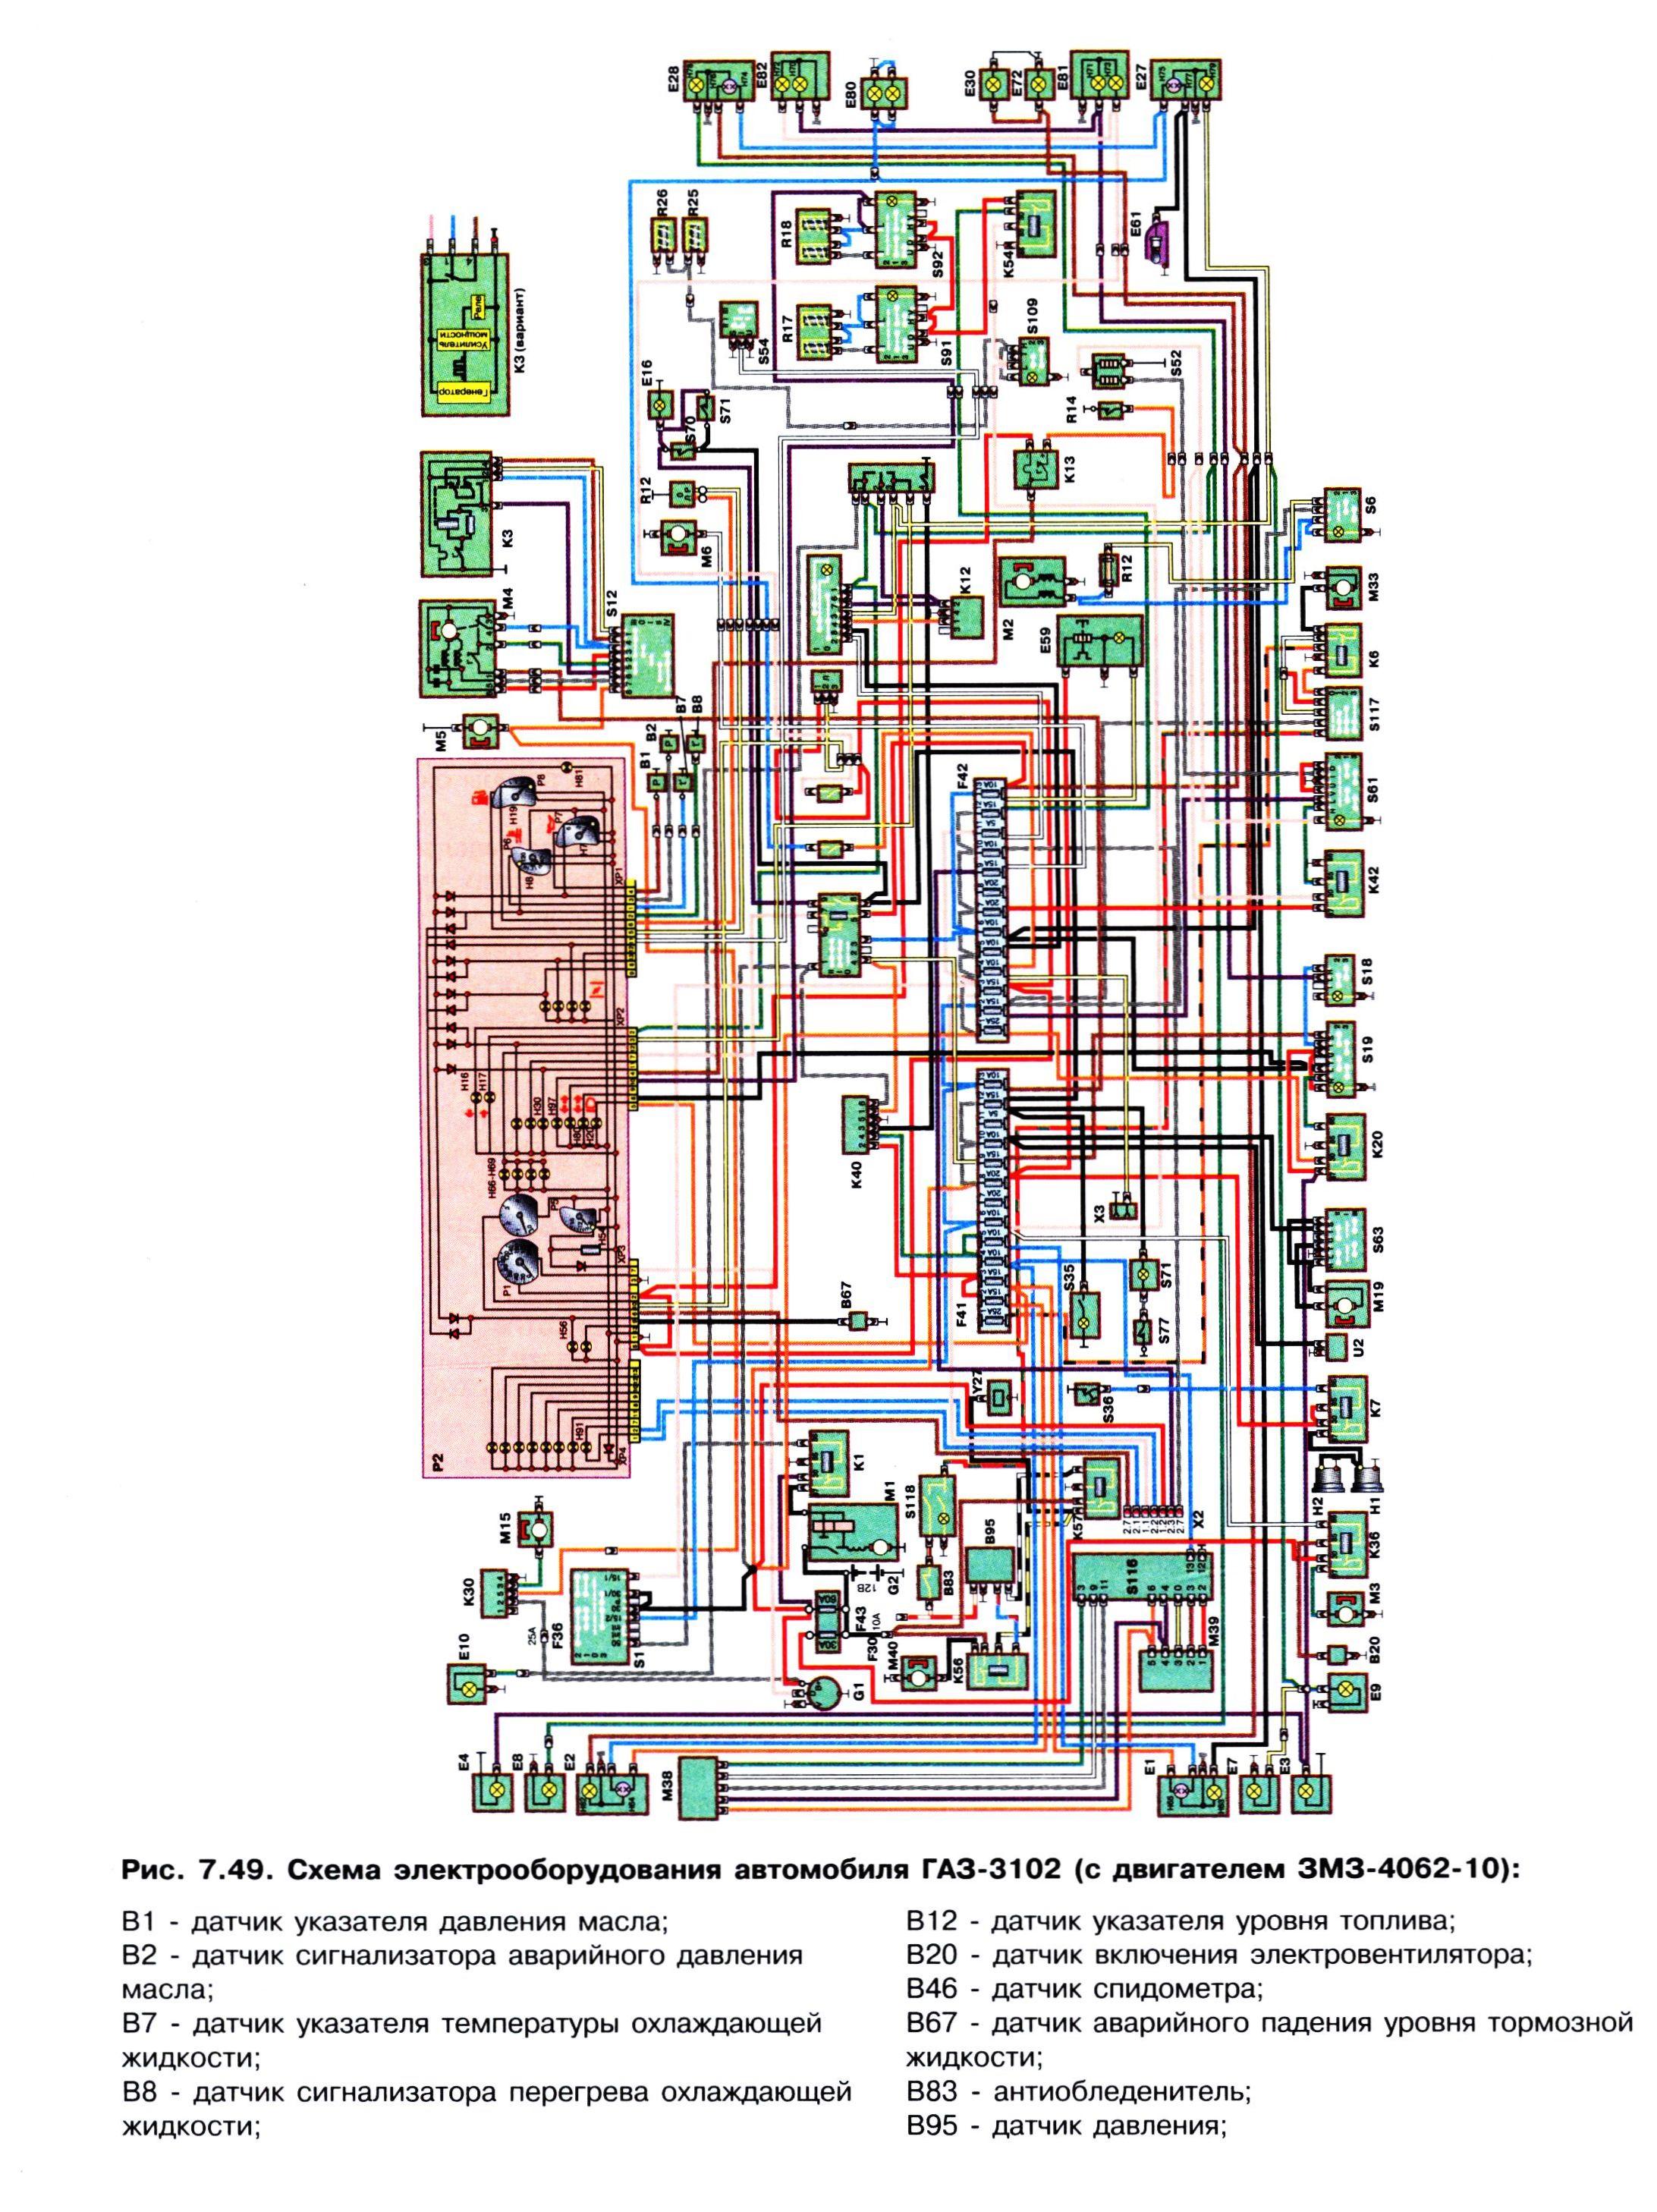 Газ 3102 схема освещения